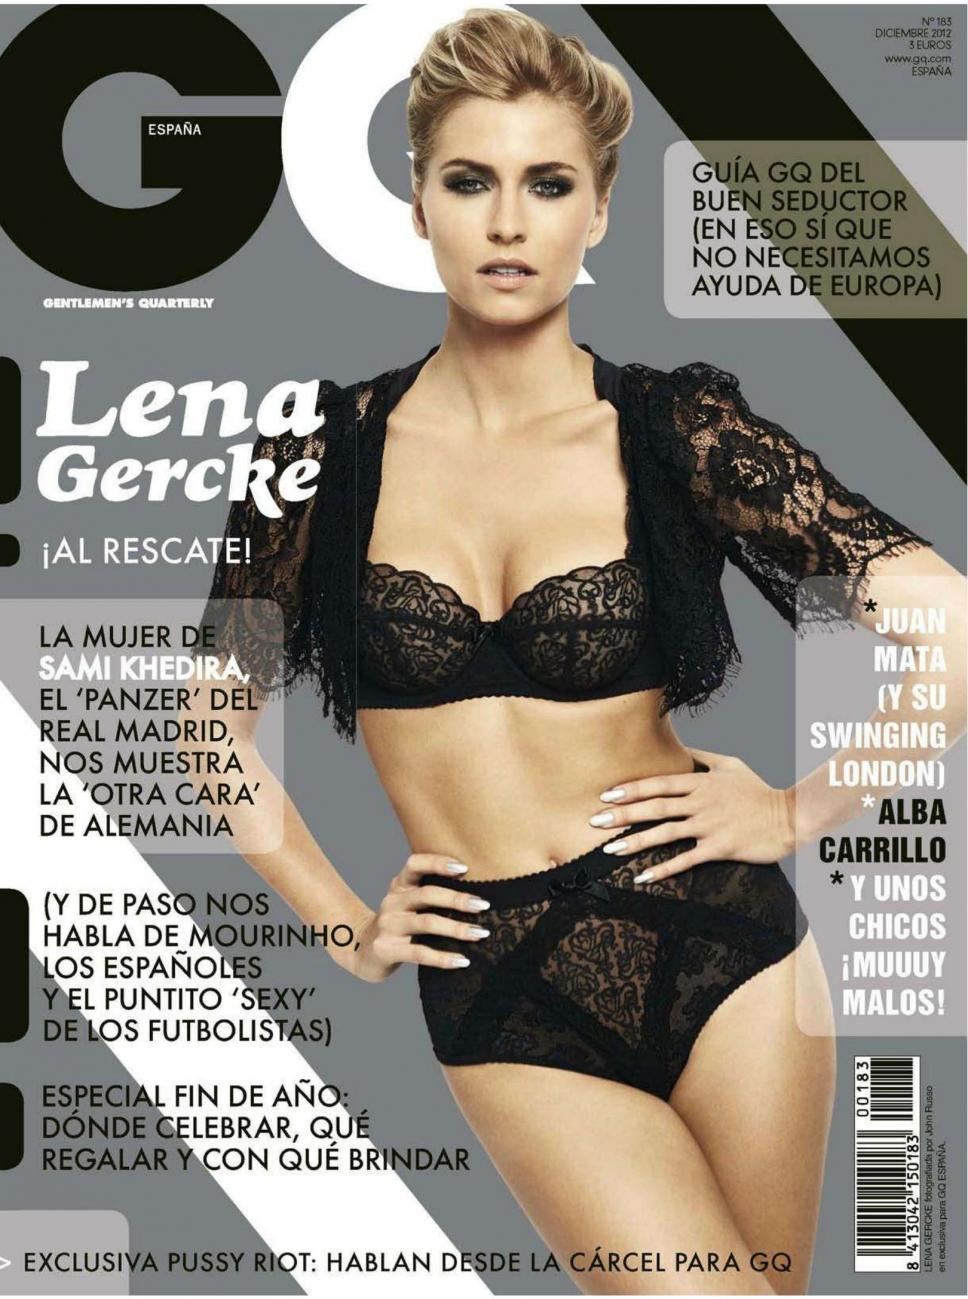 Lena Gercke in lingerie